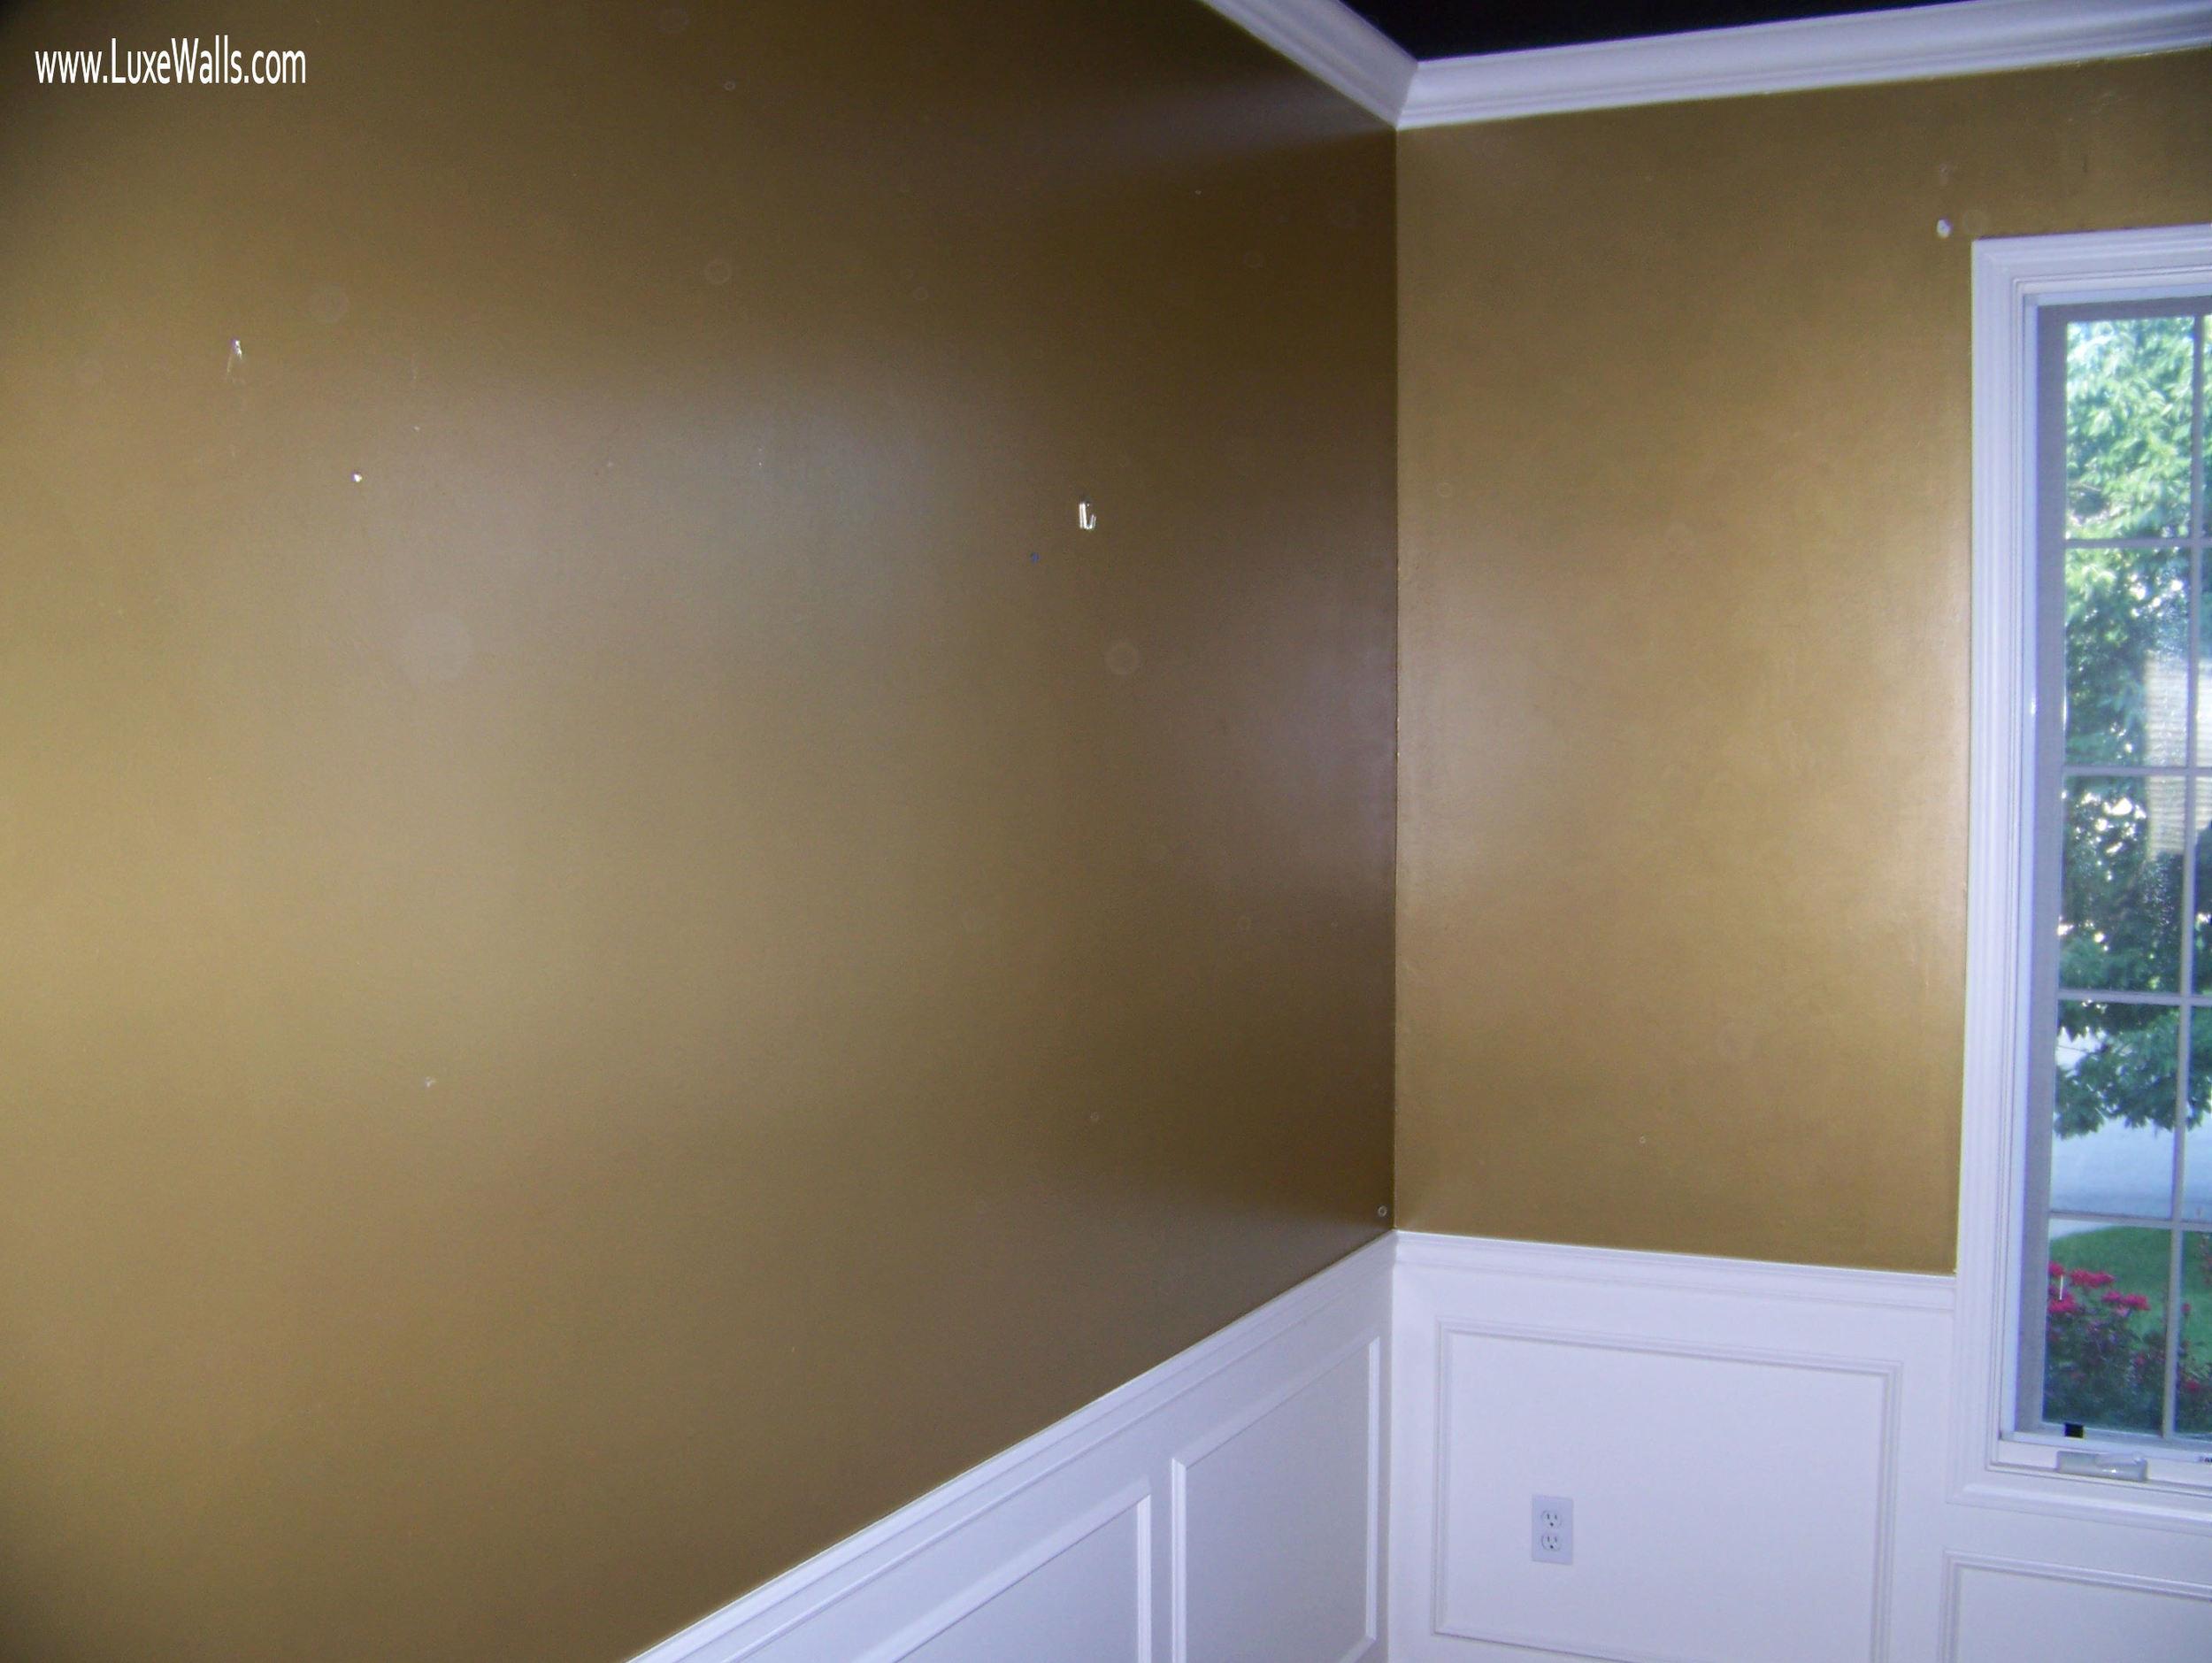 notice black ceiling and white trim